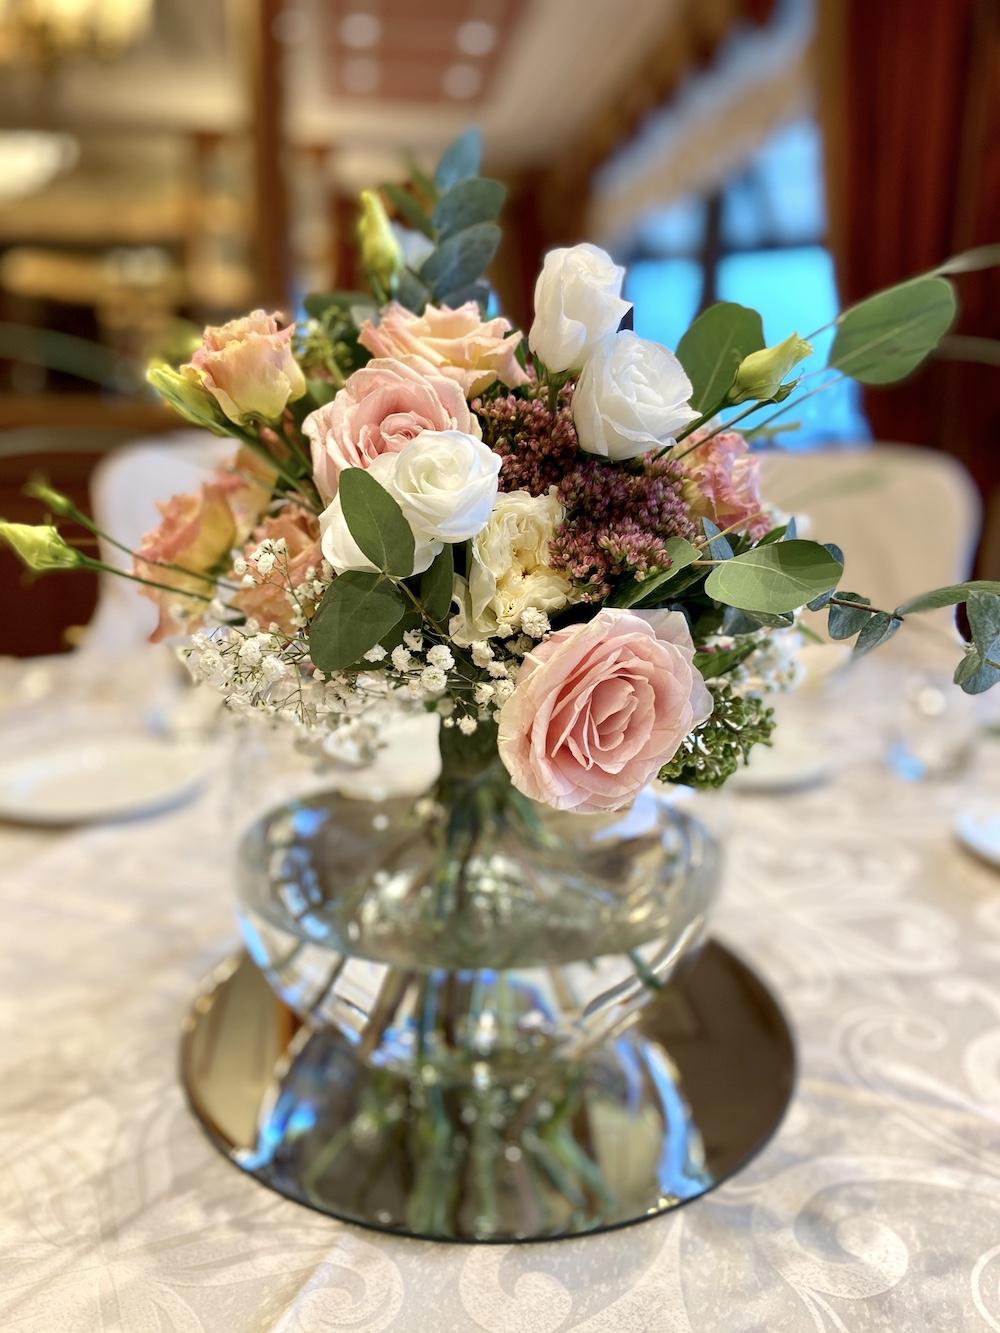 rosa IMG_5510Wedding allestimento floreale rossana flower store novellinoBLU Wedding allestimento floreale rossana flower store novellino